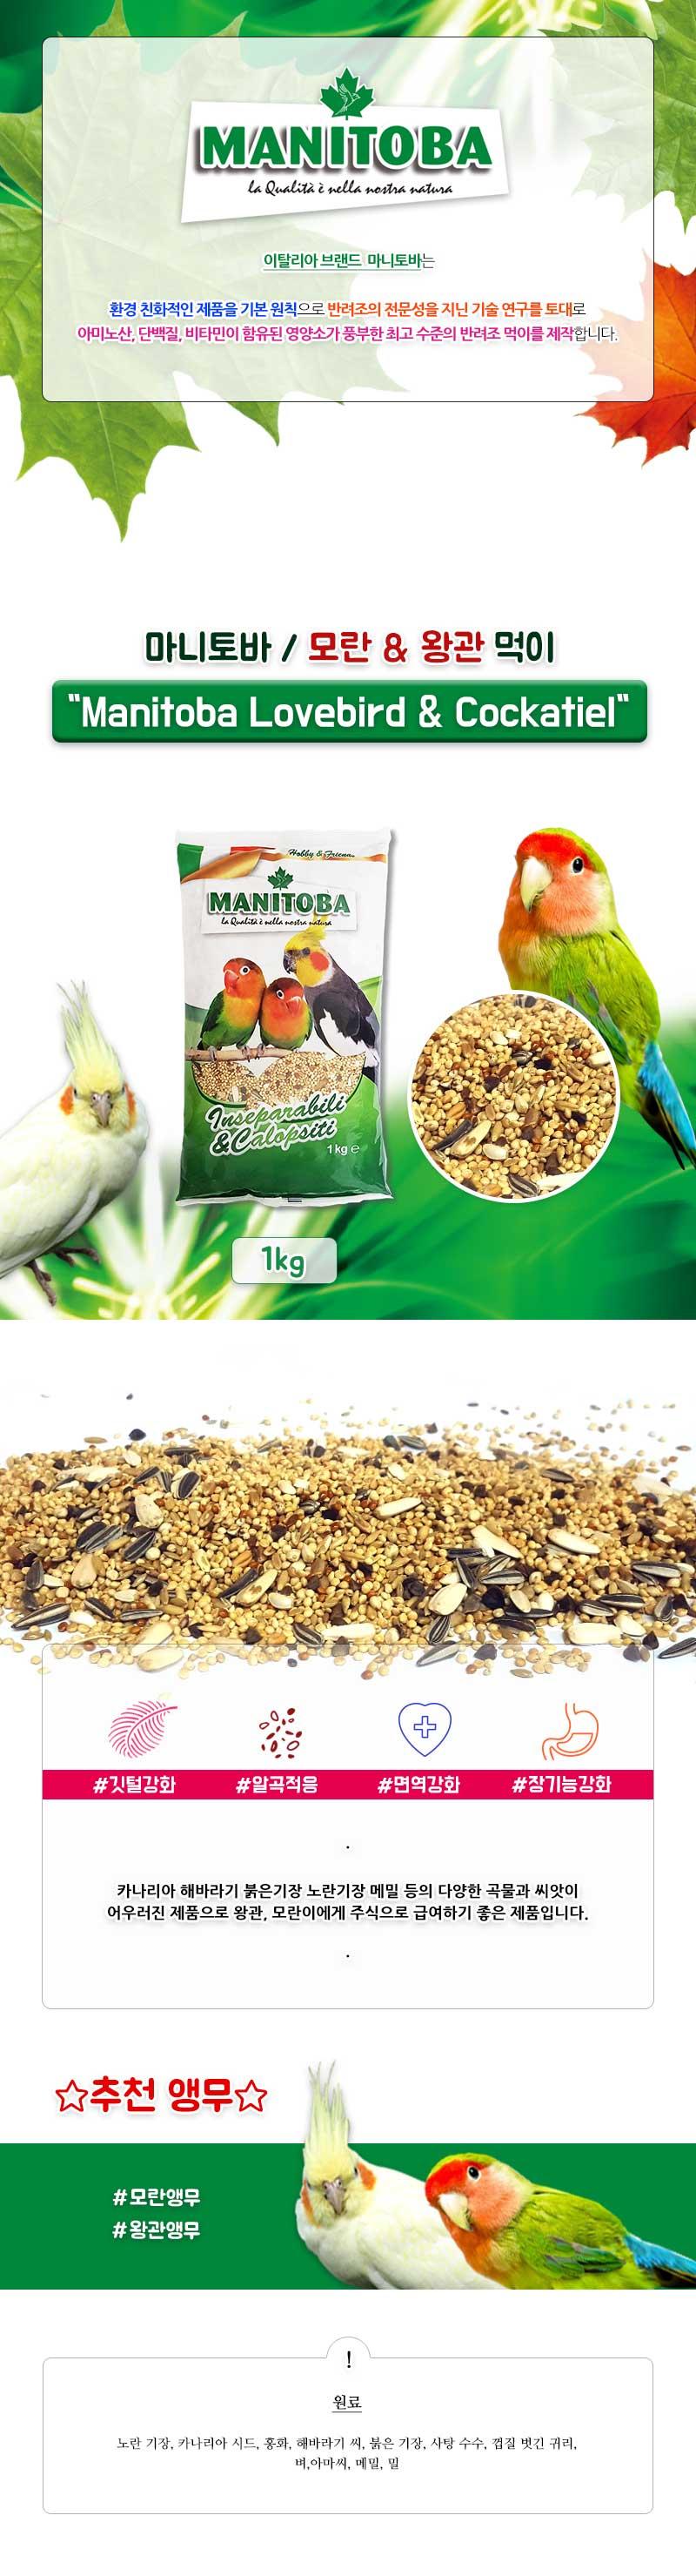 6030 마니토바 모란 왕관 코뉴어 먹이 1kg(한박스_12개입)-.jpg